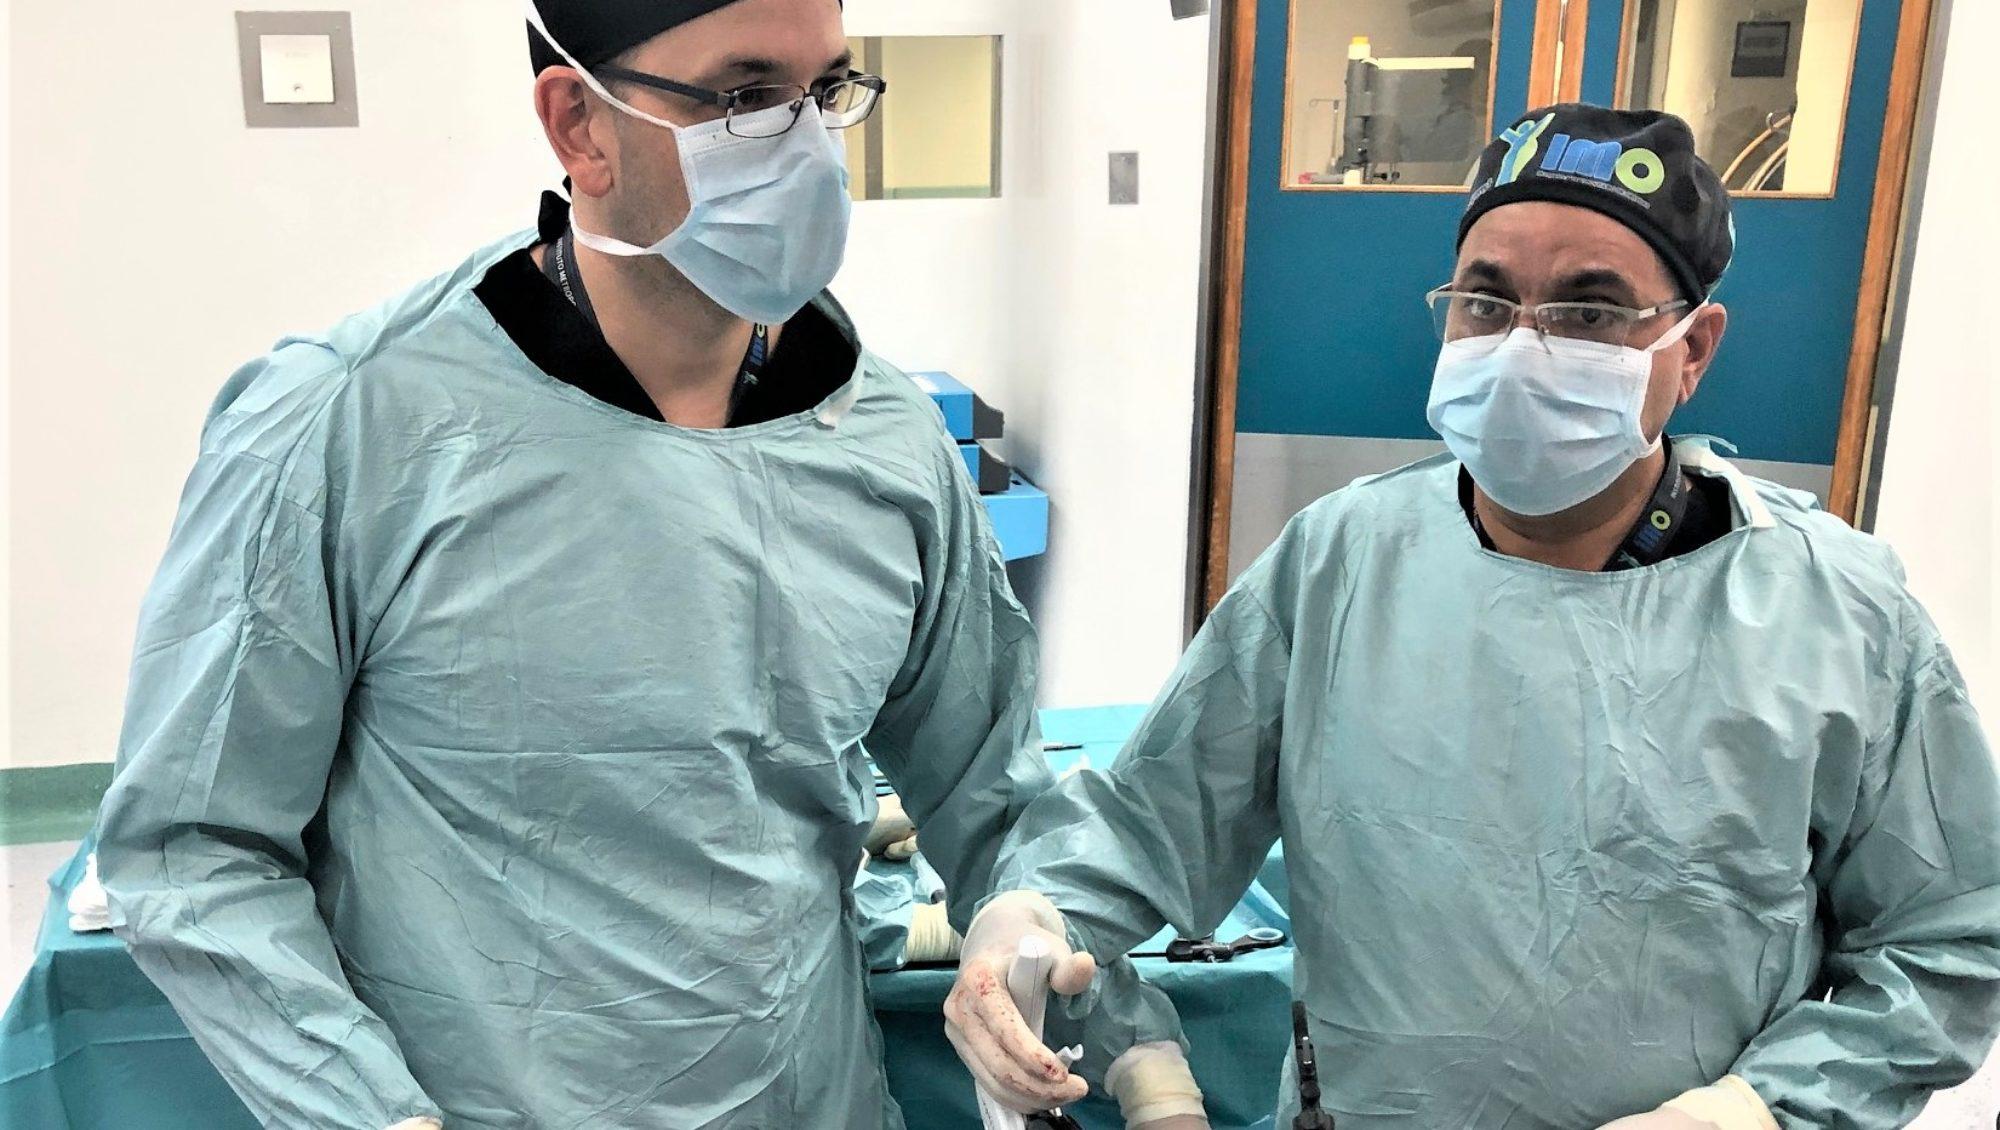 Categoría endocrinología - FOTO DE LOS DOCTORES OPERANDO